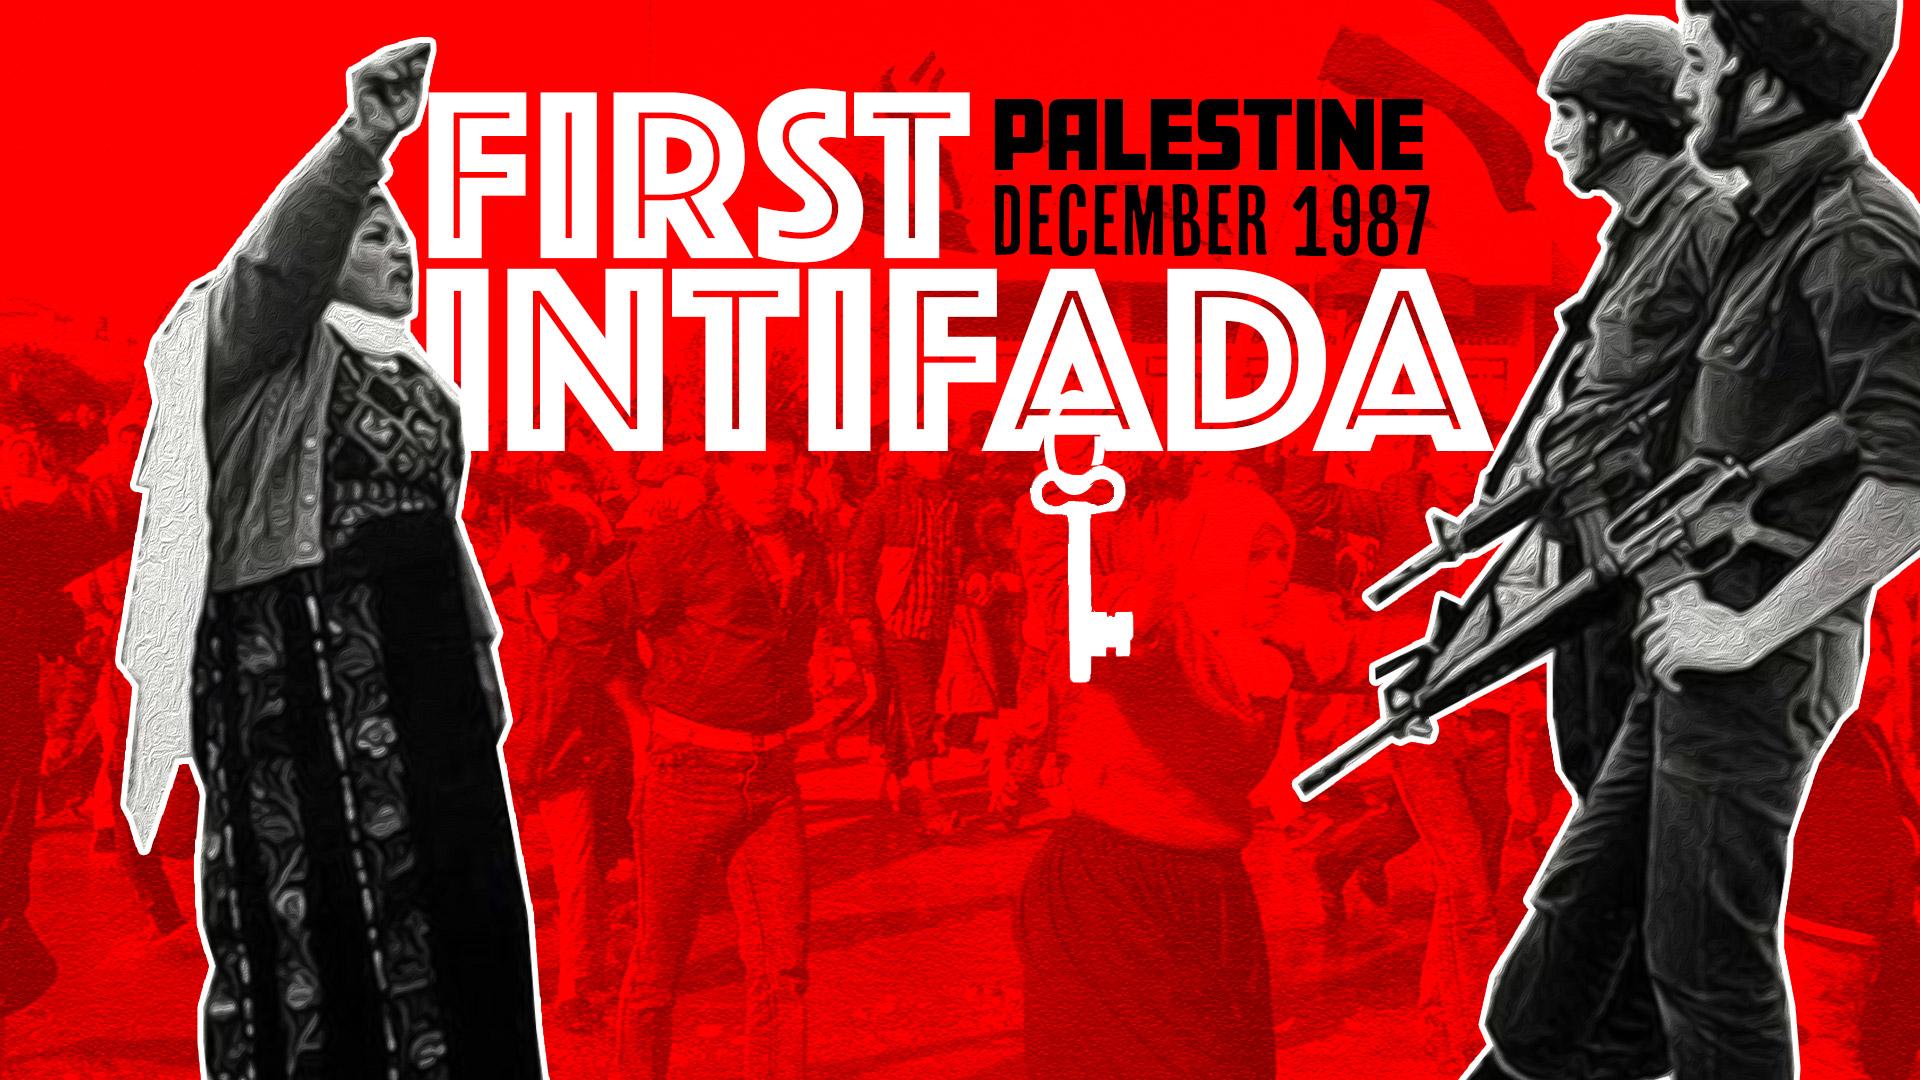 First Intifada Palestine